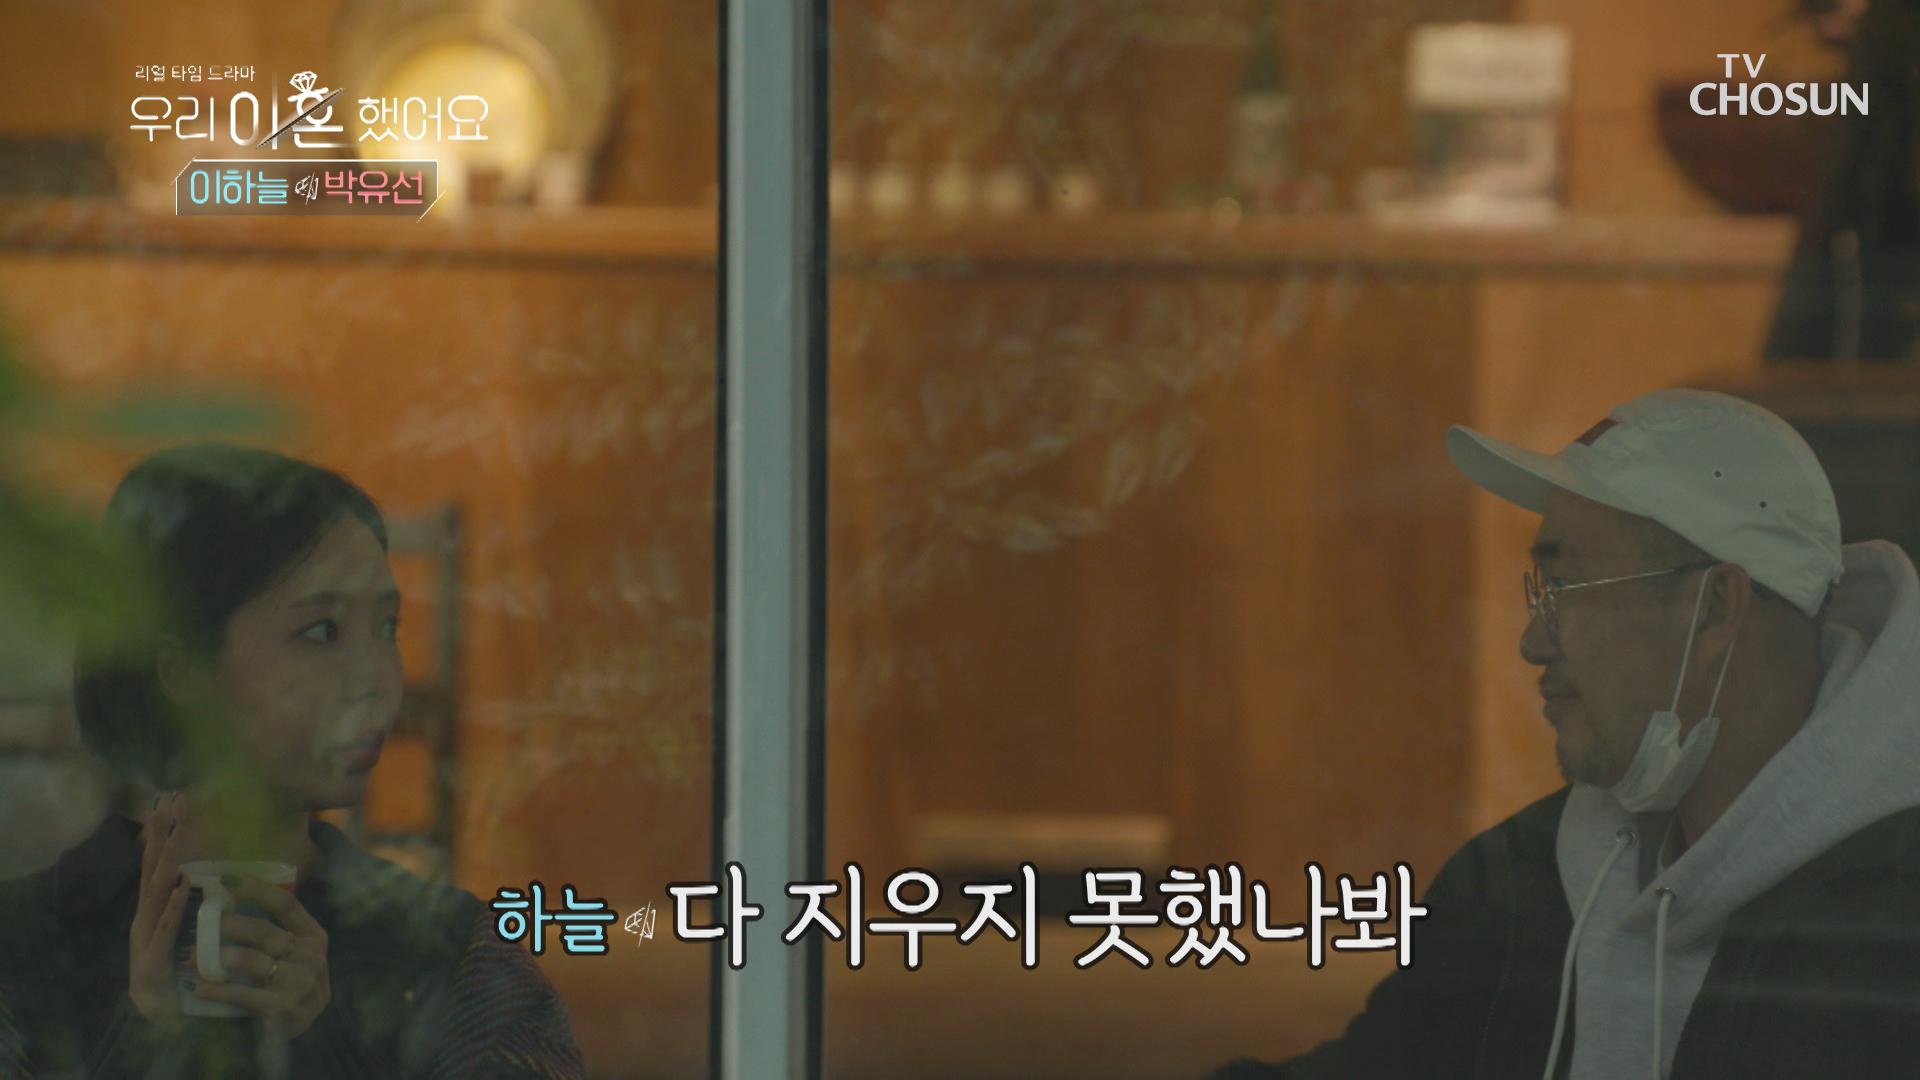 이혼 후가 더 편한 사이!? 어렵고 복잡한 관계에 놓인 '하늘·유선' TV CHOSUN 20210104 방송